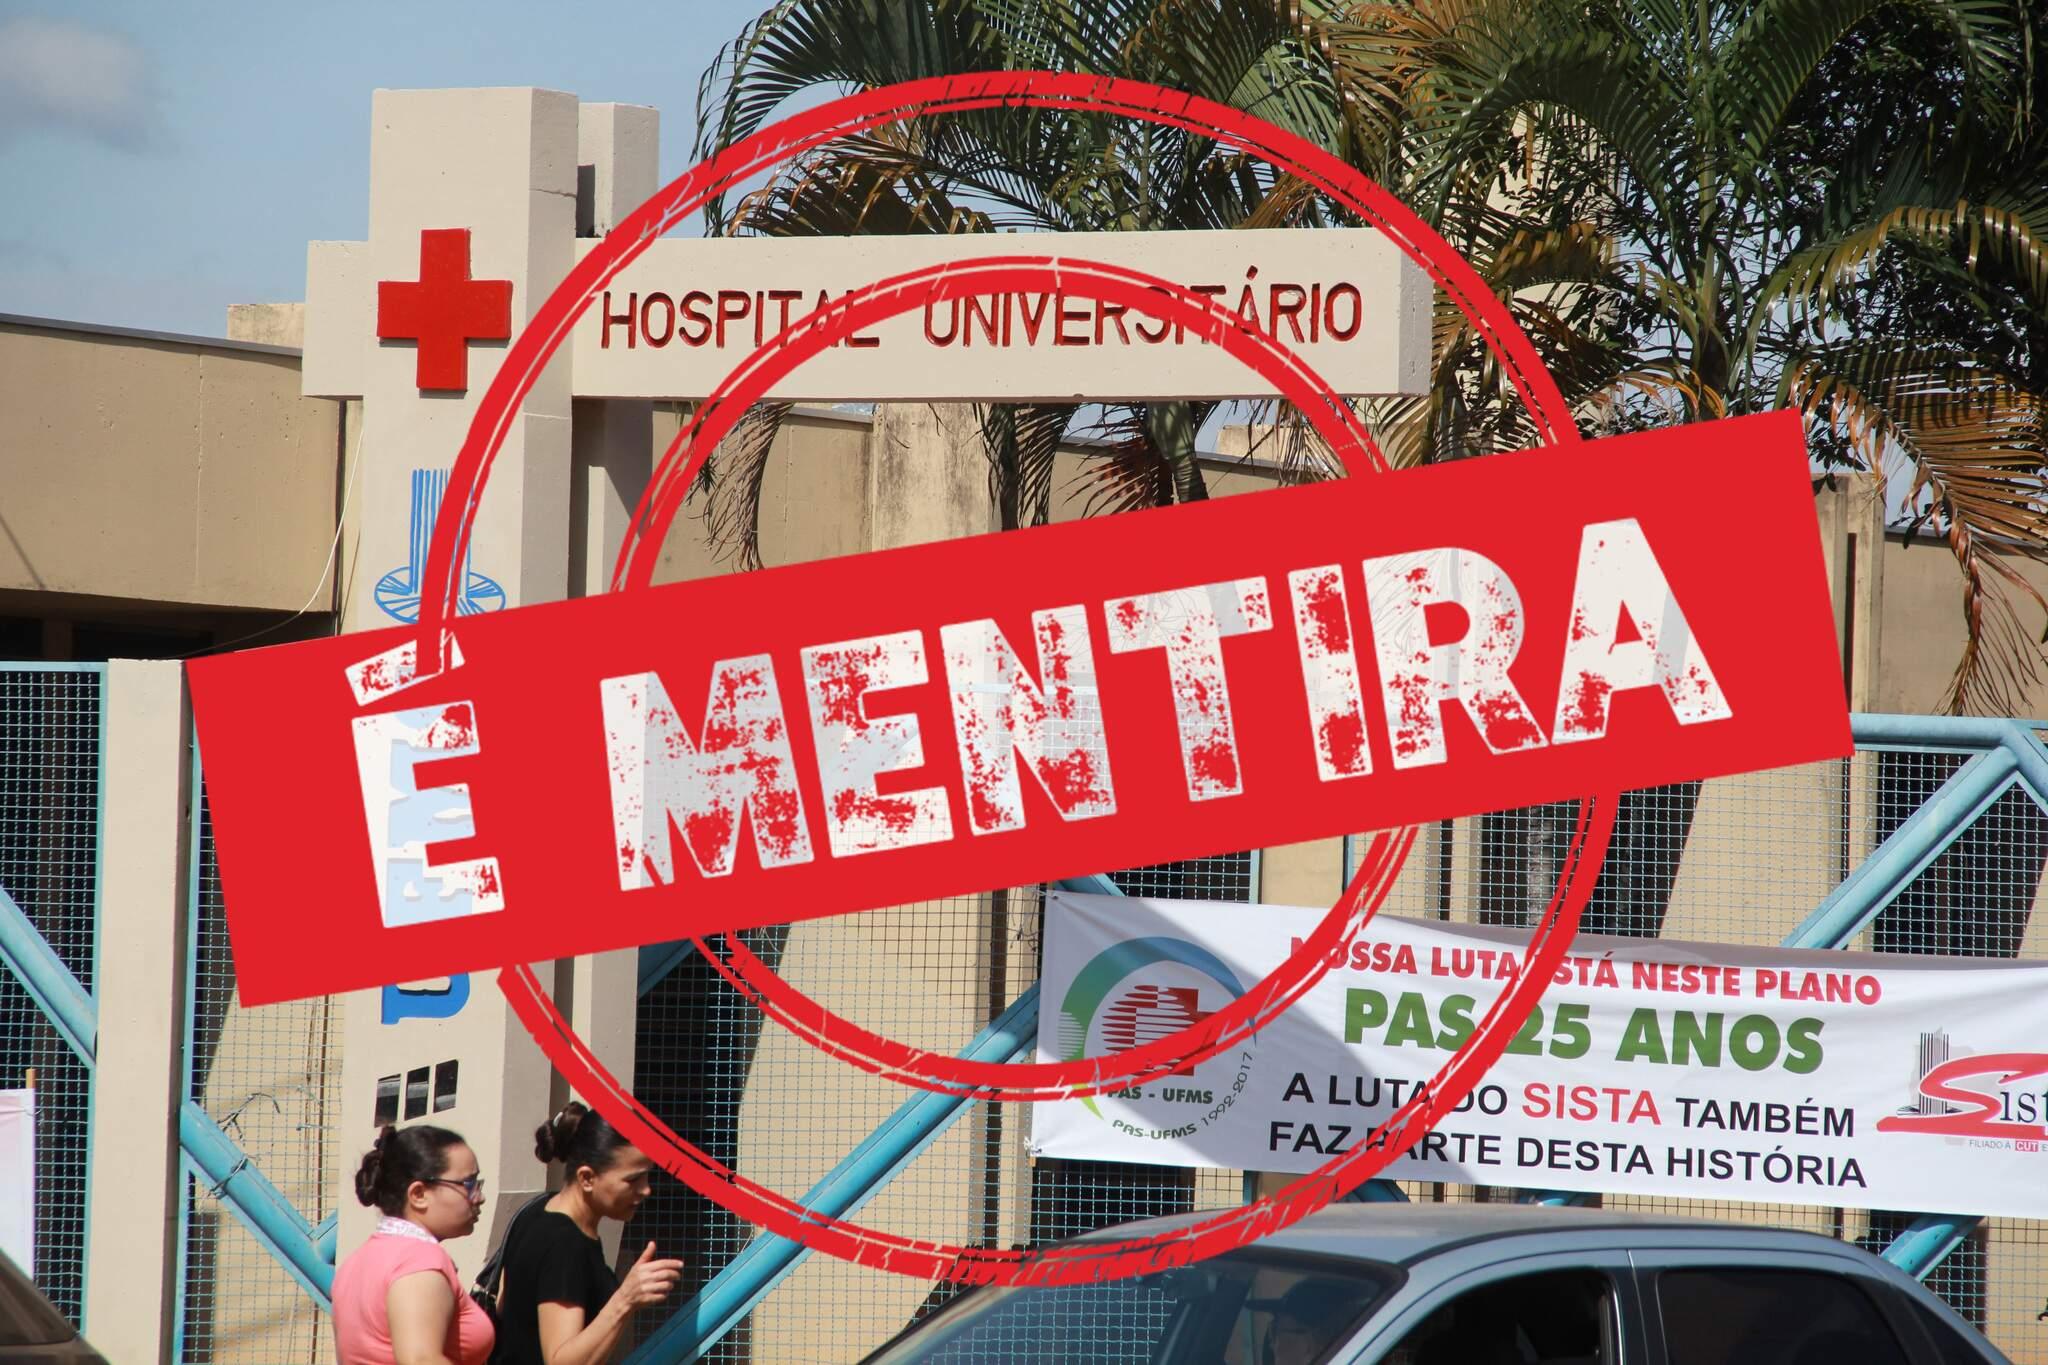 Assessoria desmentiu ocorrência de coronavírus no HU (Foto/Arquivo)